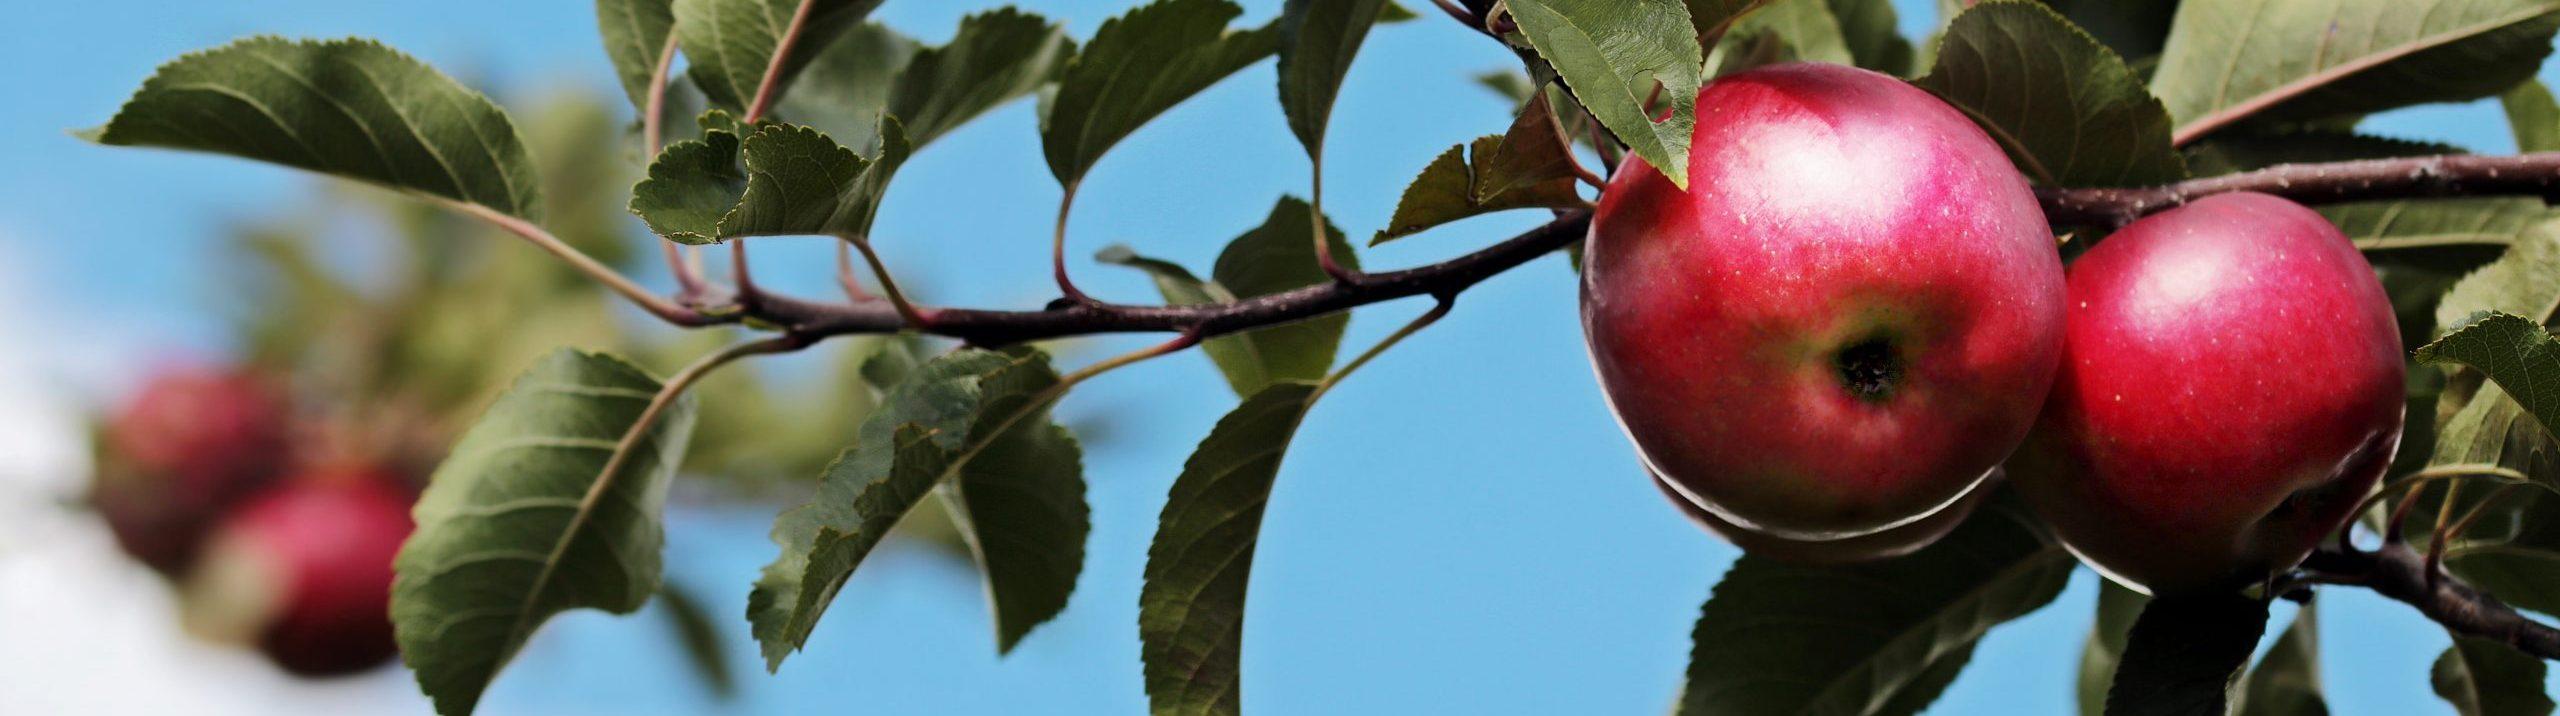 Närbild av röda äpplen som sitter på en grön gren mot en blå himmel.